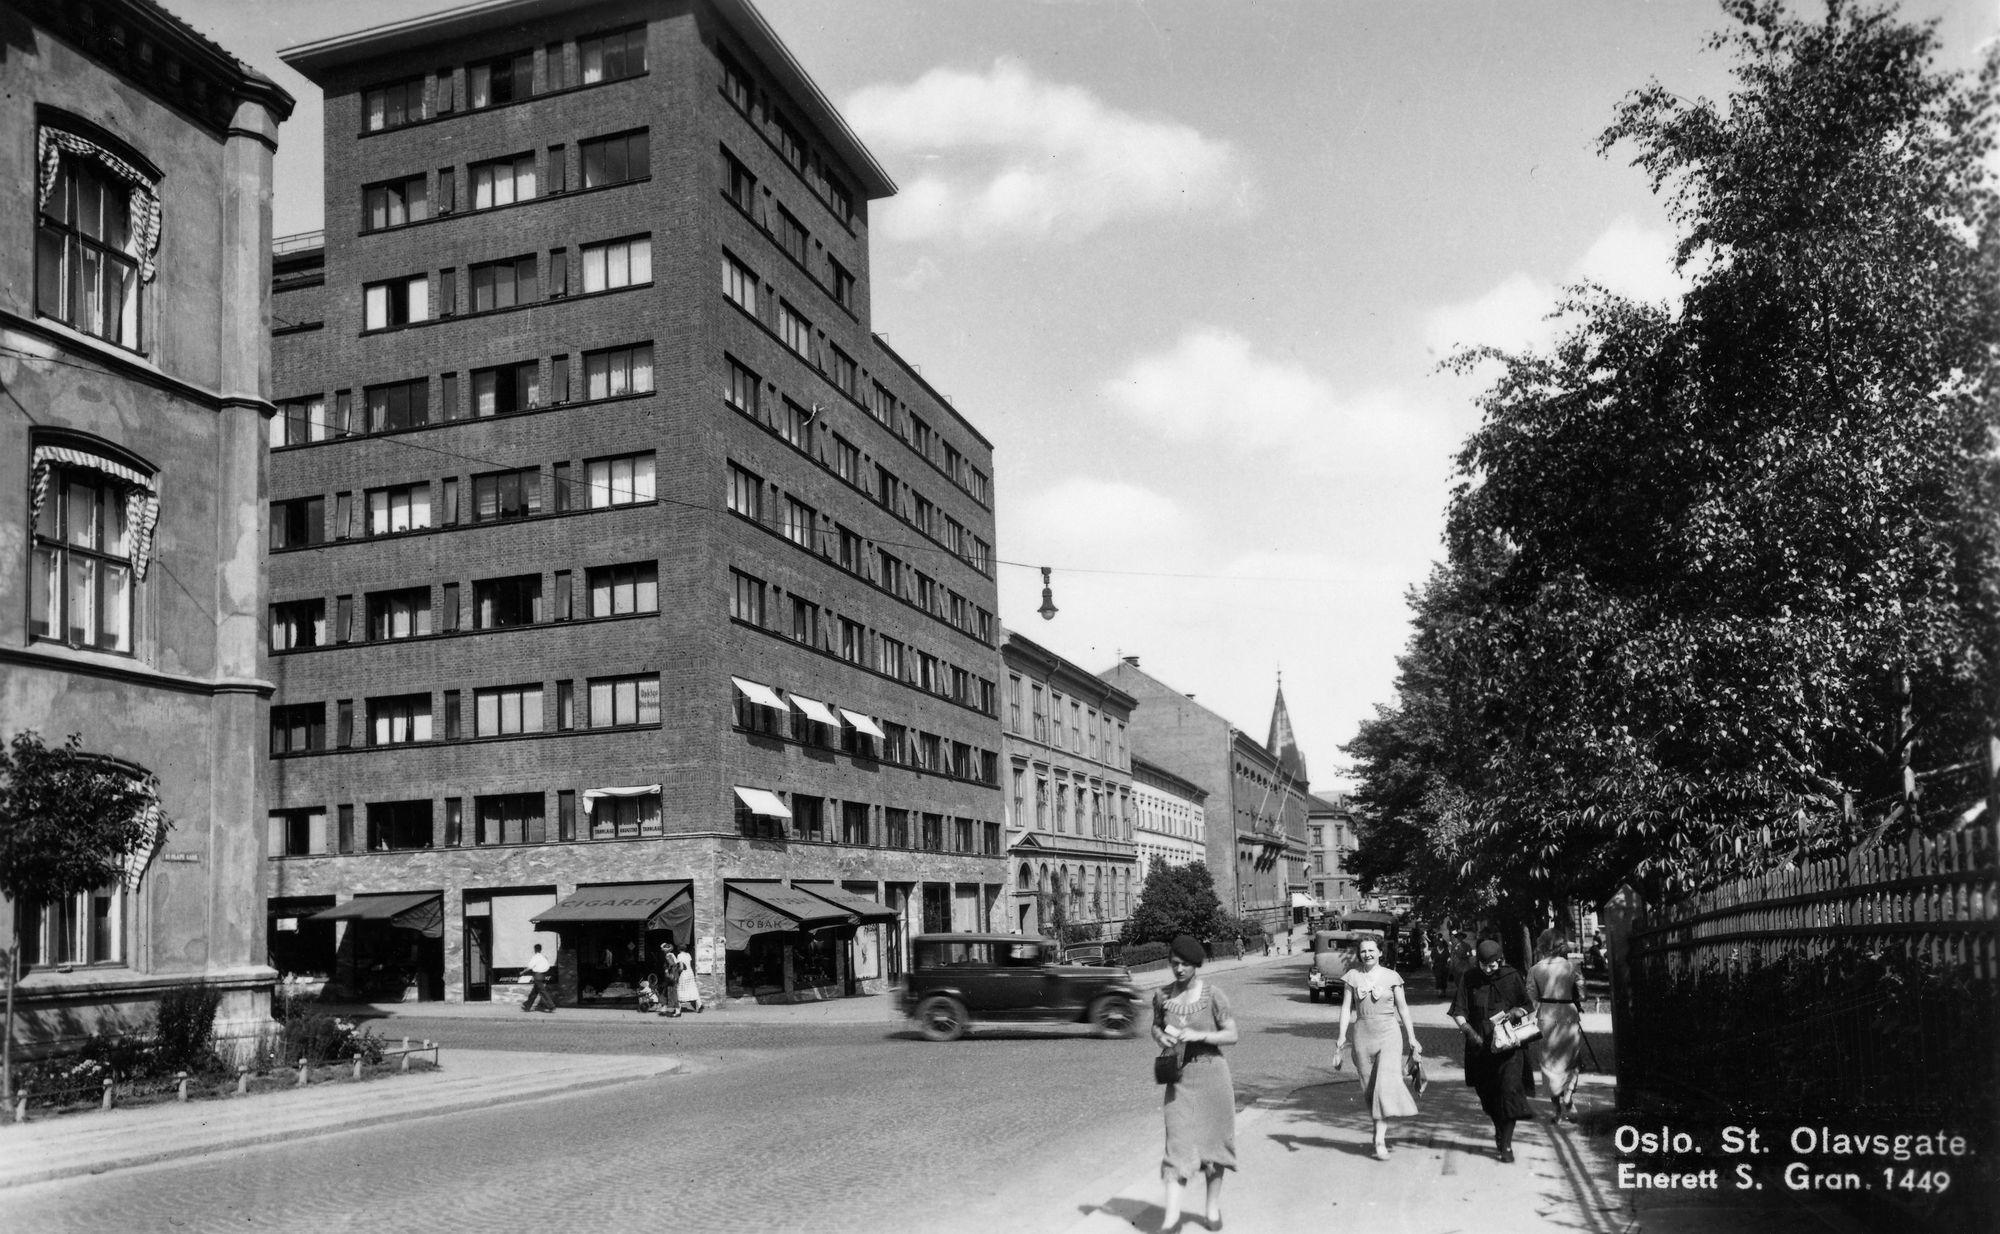 Her ser vi et bilde av Thon Hotel Europa i St. Olavs gate 31 i Oslo som er tatt ca. 1935-40. Foto: S. Gran/Oslo Museum.